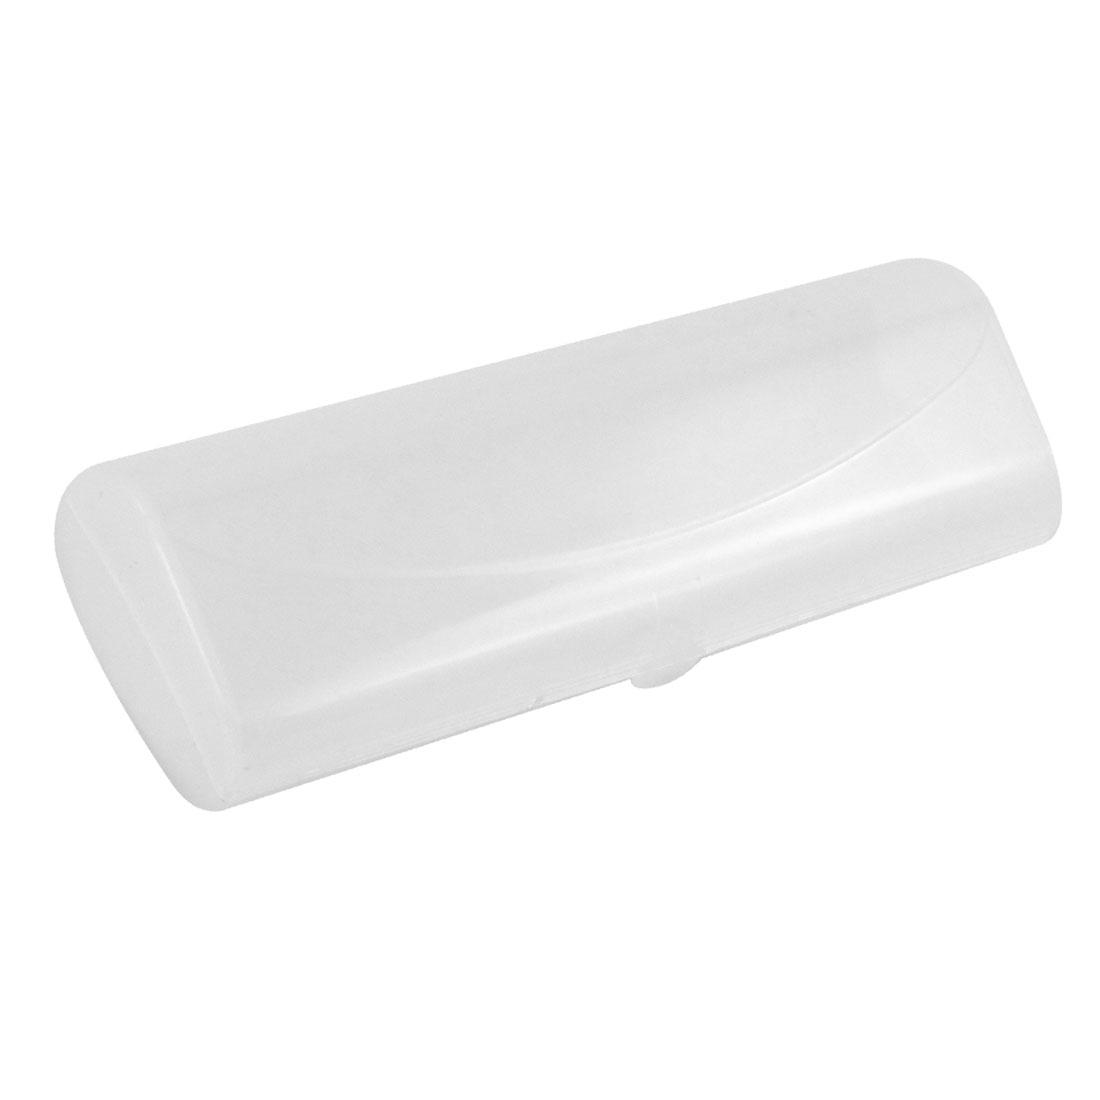 Clear White Plastic Sunglasses Eyeglasses Glasses Holder Box Case